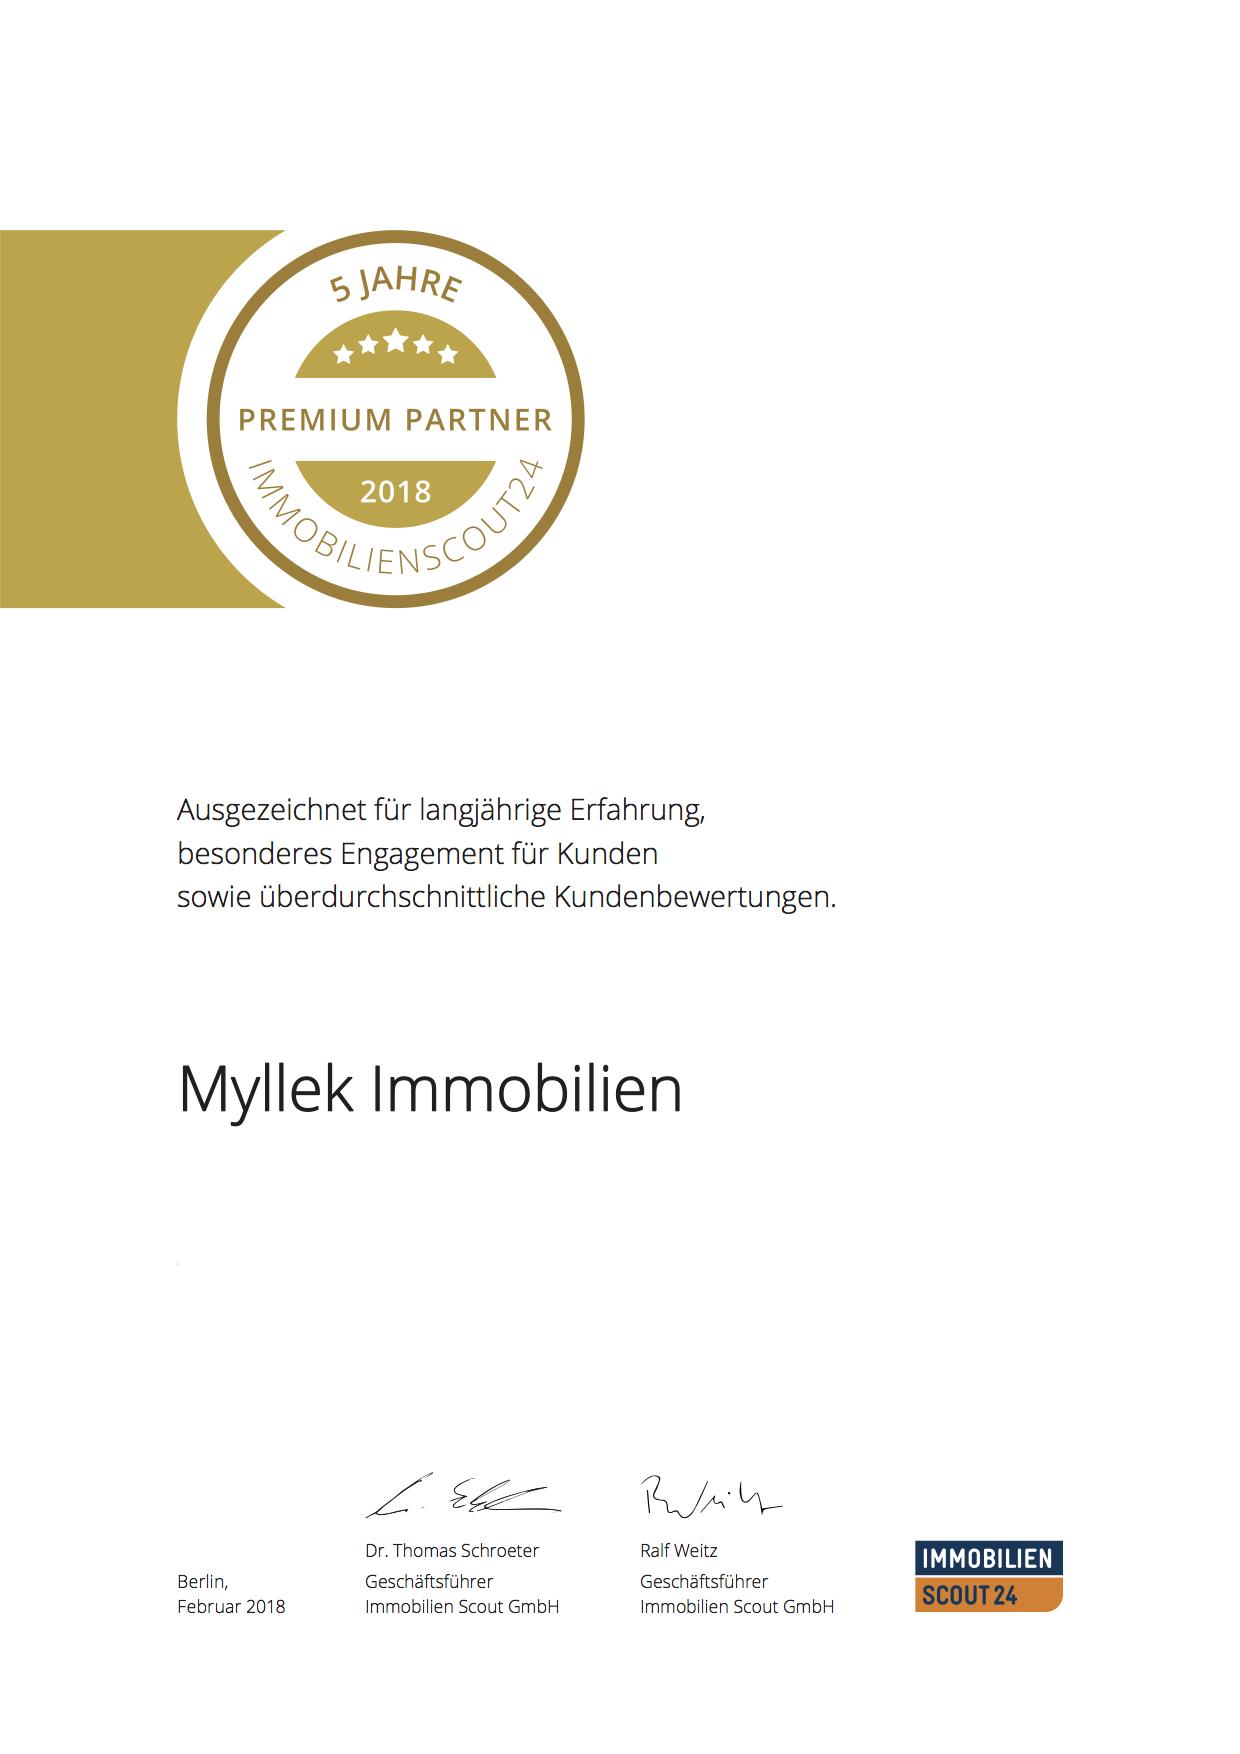 MYLLEK IMMOBILIEN  JAHRE PREMIUM PARTNER 2018